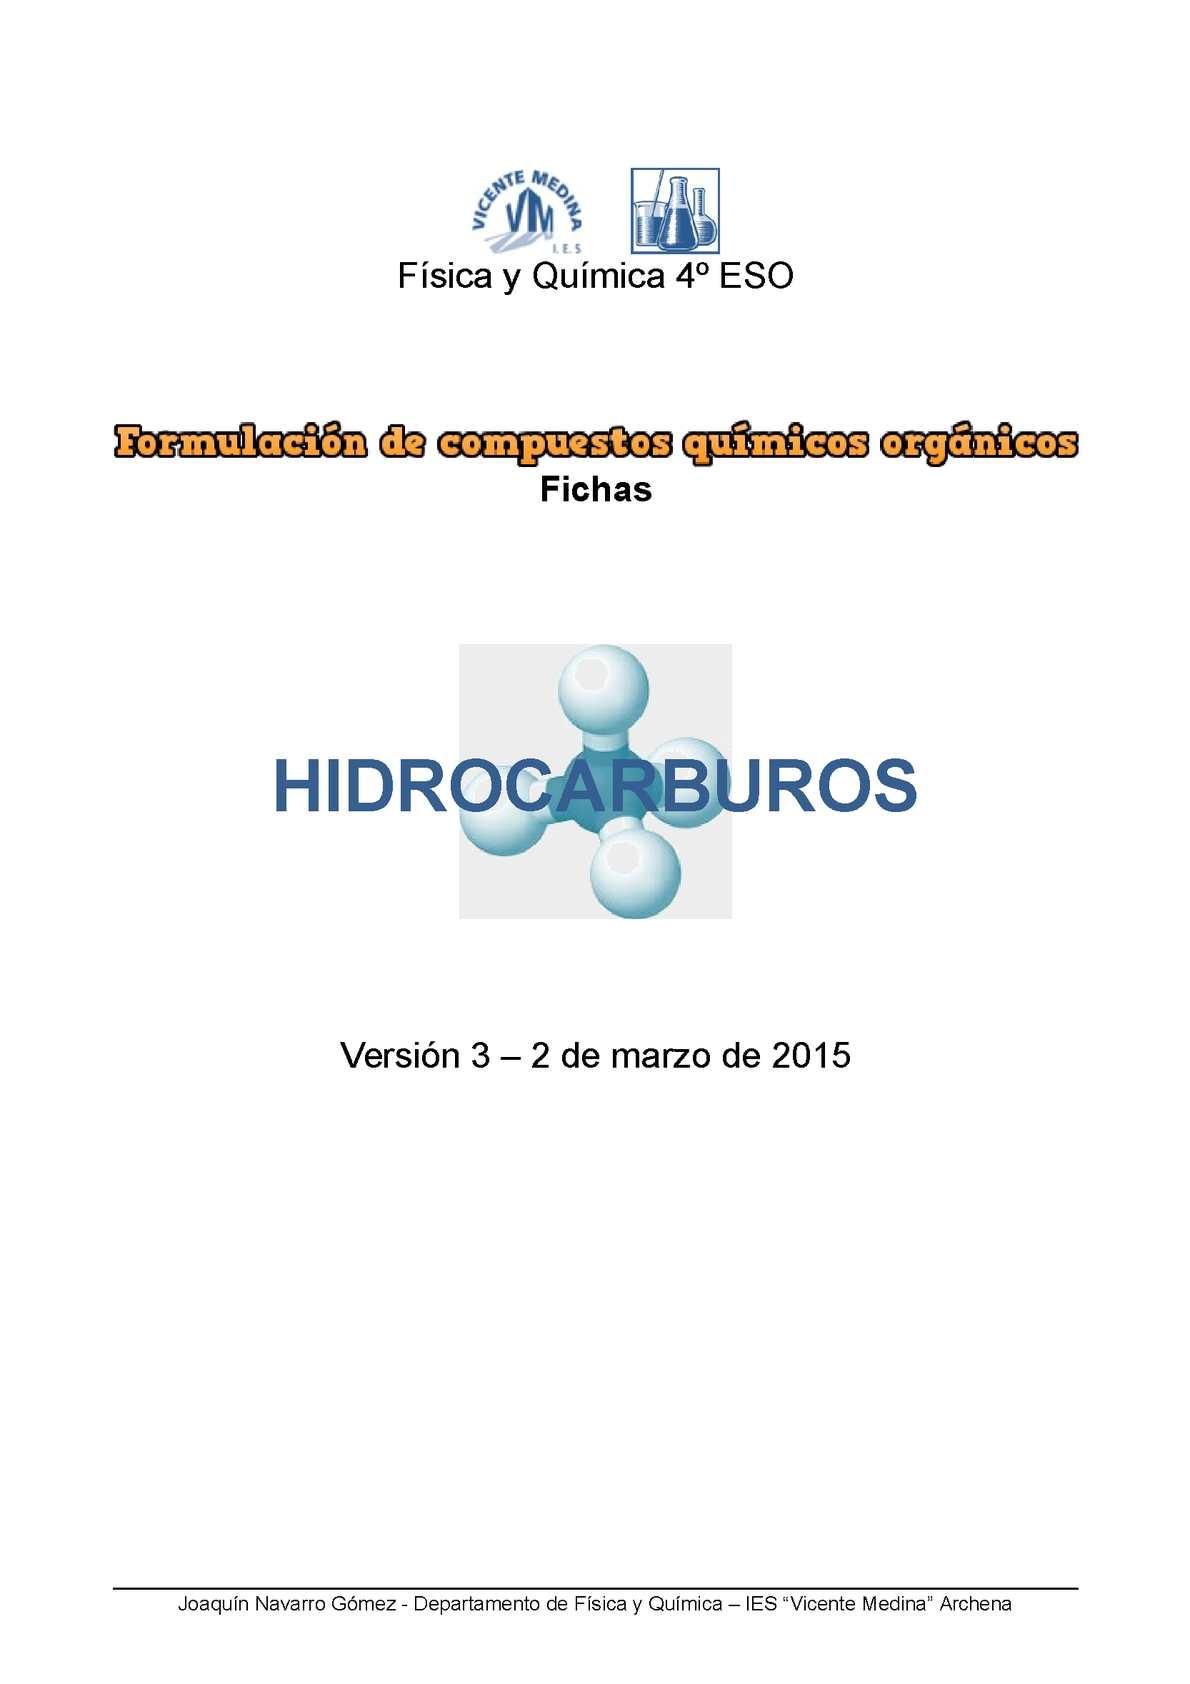 Formulación Orgánica. Hidrocarburos